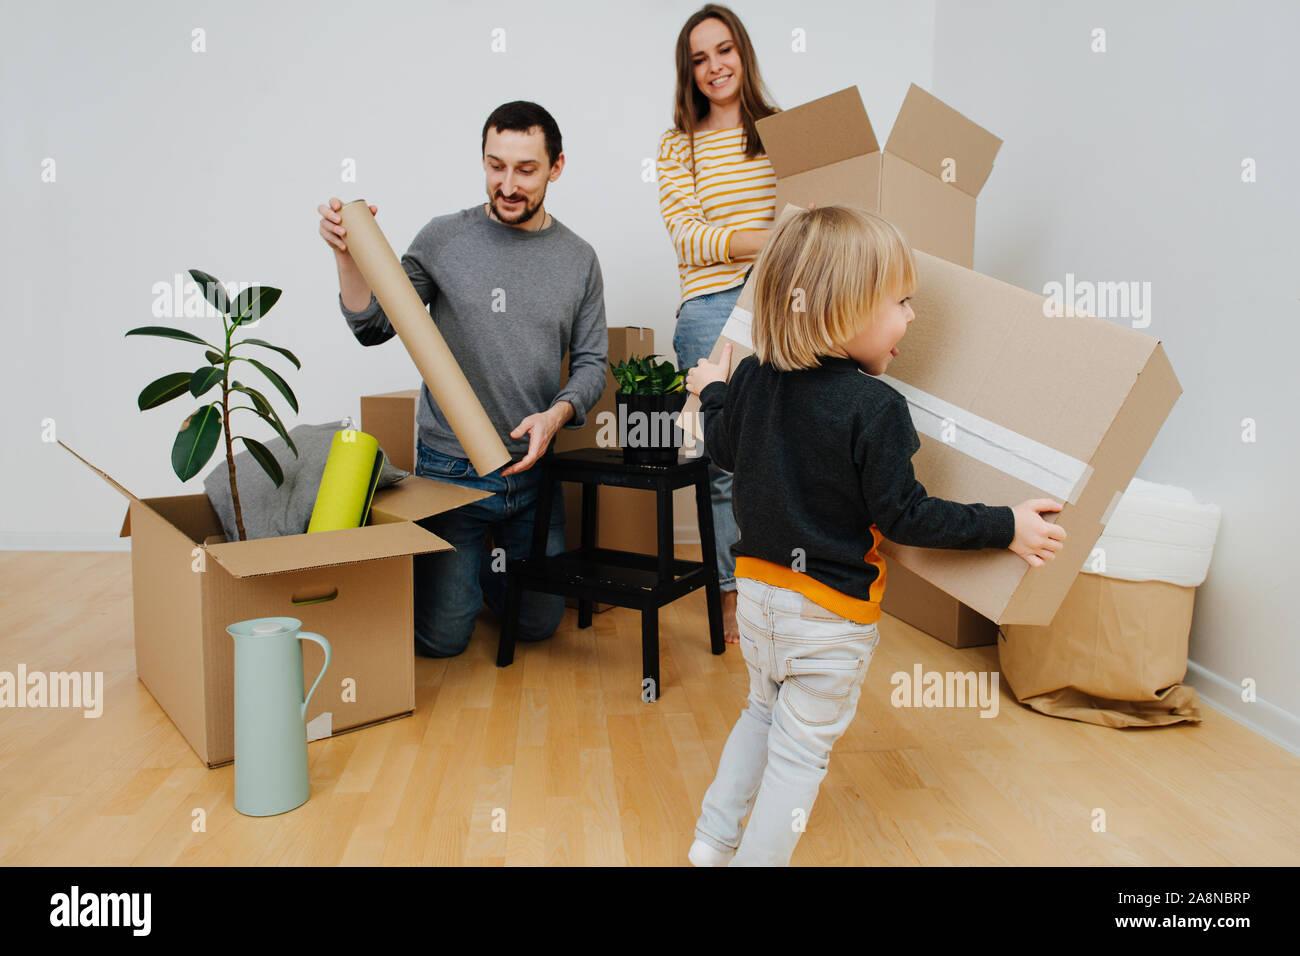 Junge Familie zog in eine neue Heimat, Auspacken der Kartons zusammen Stockfoto